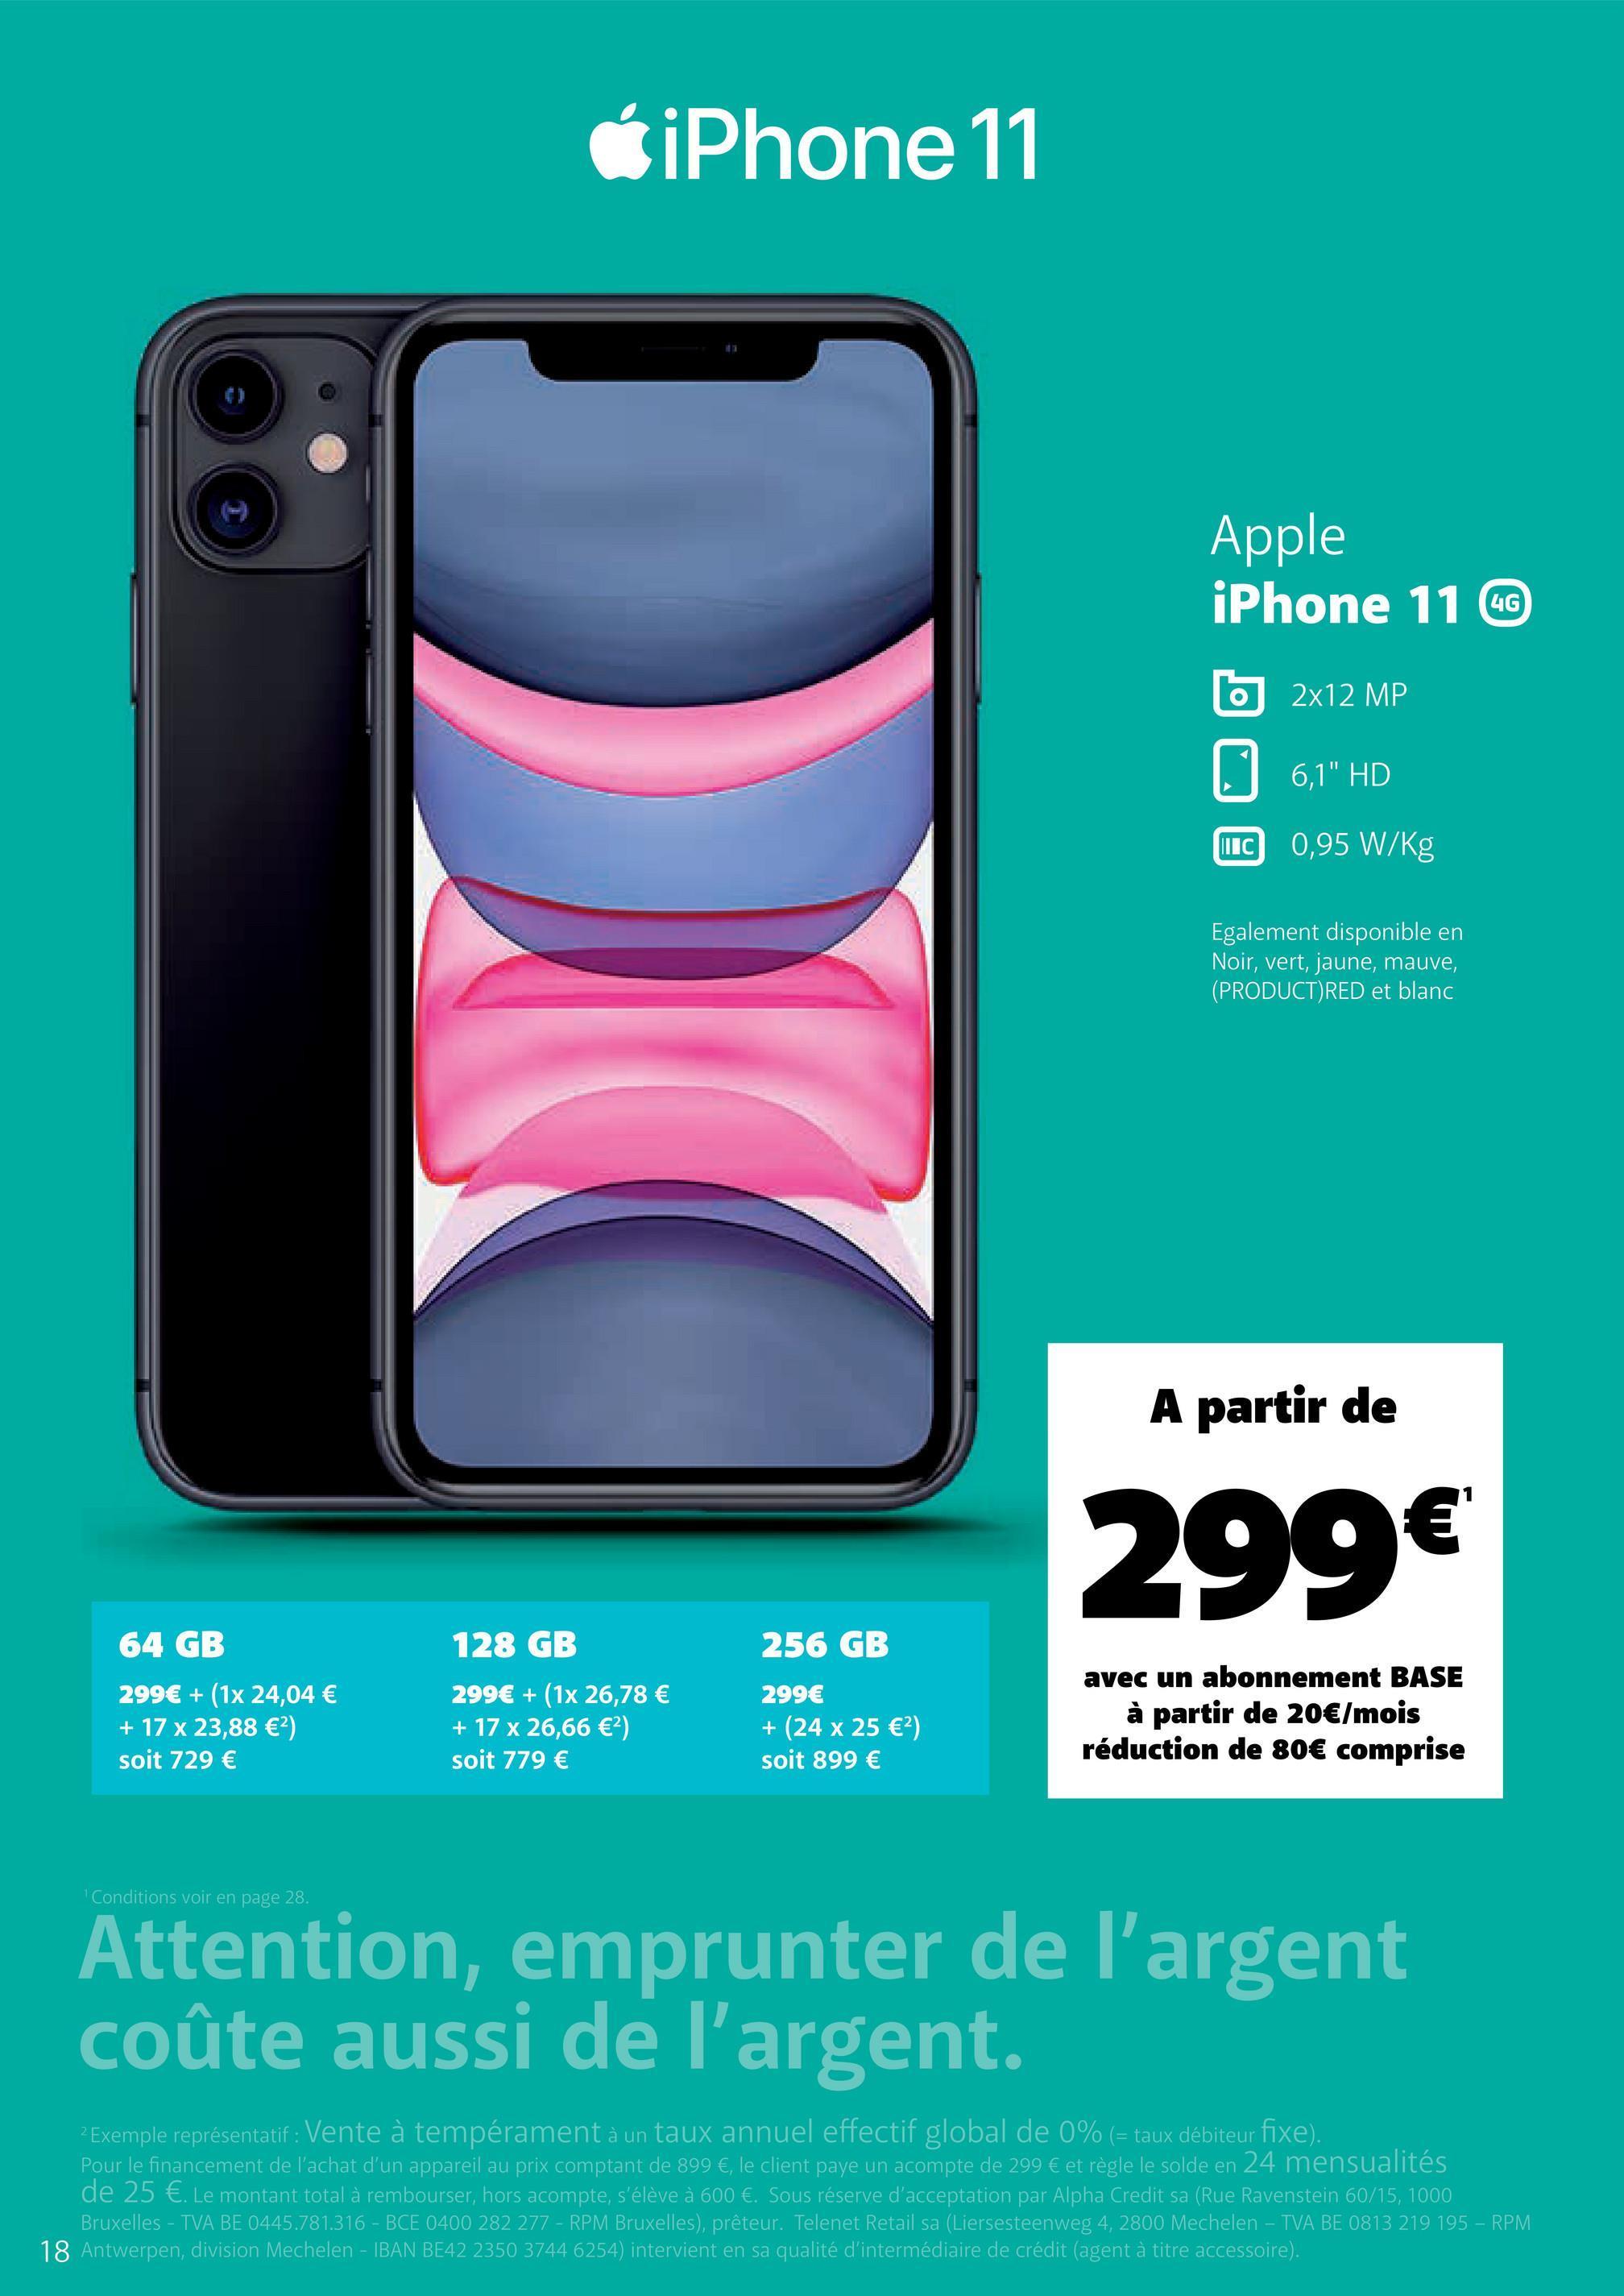 """6 iPhone 11 Apple iPhone 11 CC 6 2x12 MP 0 6,1"""" HD C 0,95 W/Kg IIC Egalement disponible en Noir, vert, jaune, mauve, (PRODUCT)RED et blanc A partir de 299€ 256 GB 64 GB 299€ + (1x 24,04 € + 17 x 23,88 €) soit 729 € 128 GB 299€ + (1x 26,78 € + 17 x 26,66 €) soit 779 € 299€ + (24 x 25 €) soit 899 € avec un abonnement BASE à partir de 20€/mois réduction de 80€ comprise 1 Conditions voir en page 28. Attention, emprunter de l'argent coûte aussi de l'argent. 2 Exemple représentatif : Vente à tempérament à un taux annuel effectif global de 0% (= taux débiteur fixe). Pour le financement de l'achat d'un appareil au prix comptant de 899 €, le client payé un acompte de 299 € et règle le solde en 24 mensualités de 25 €. Le montant total à rembourser, hors acompte, s'élève à 600 €. Sous réserve d'acceptation par Alpha Credit sa (Rue Ravenstein 60/15, 1000 Bruxelles - TVA BE 0445.781.316 - BCE 0400 282 277 - RPM Bruxelles), prêteur. Telenet Retail sa (Liersesteenweg 4, 2800 Mechelen - TVA BE 0813 219 195 - RPM! 18 Antwerpen, division Mechelen - IBAN BE42 2350 3744 6254) intervient en sa qualité d'intermédiaire de crédit (agent à titre accessoire)."""